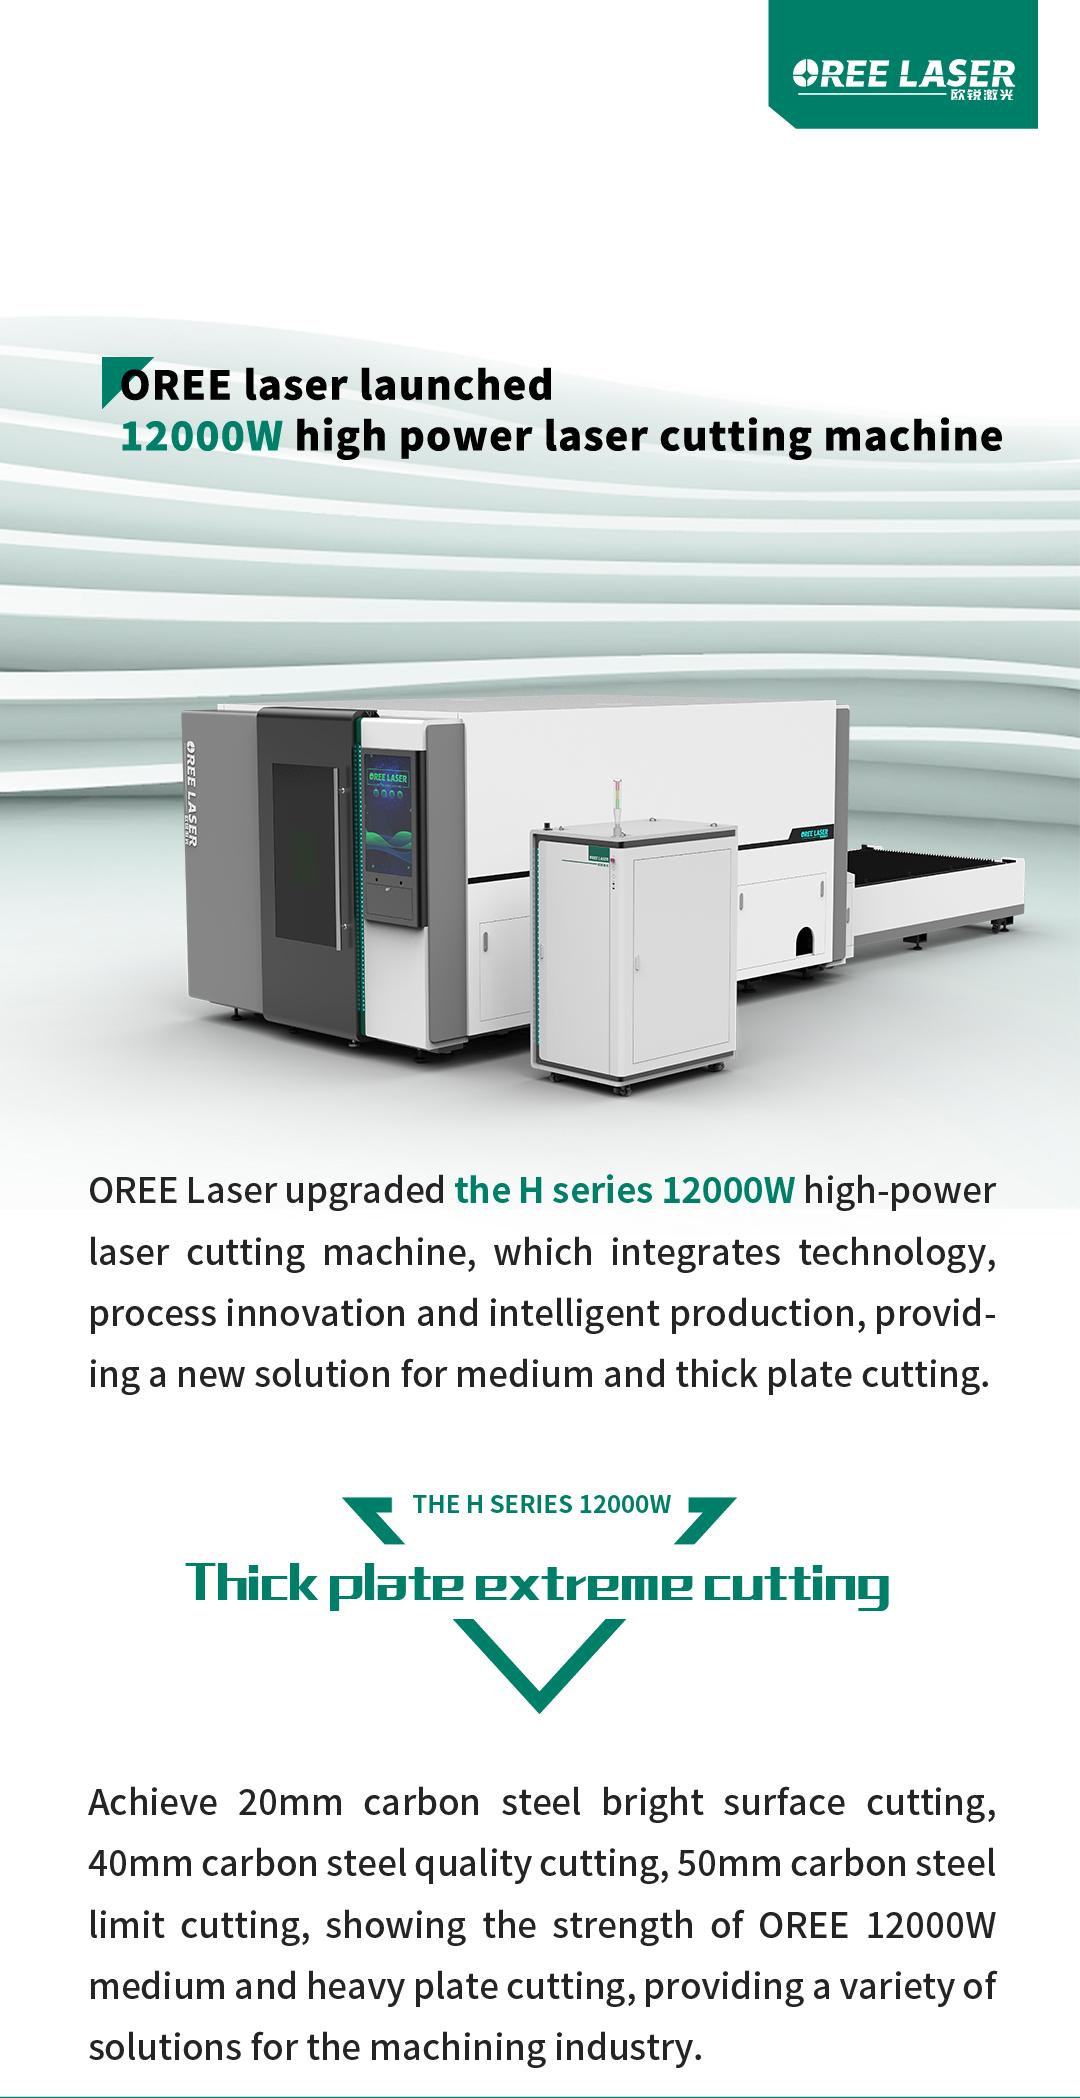 欧锐激光推出12000W高功率激光切割机-01_01.jpg